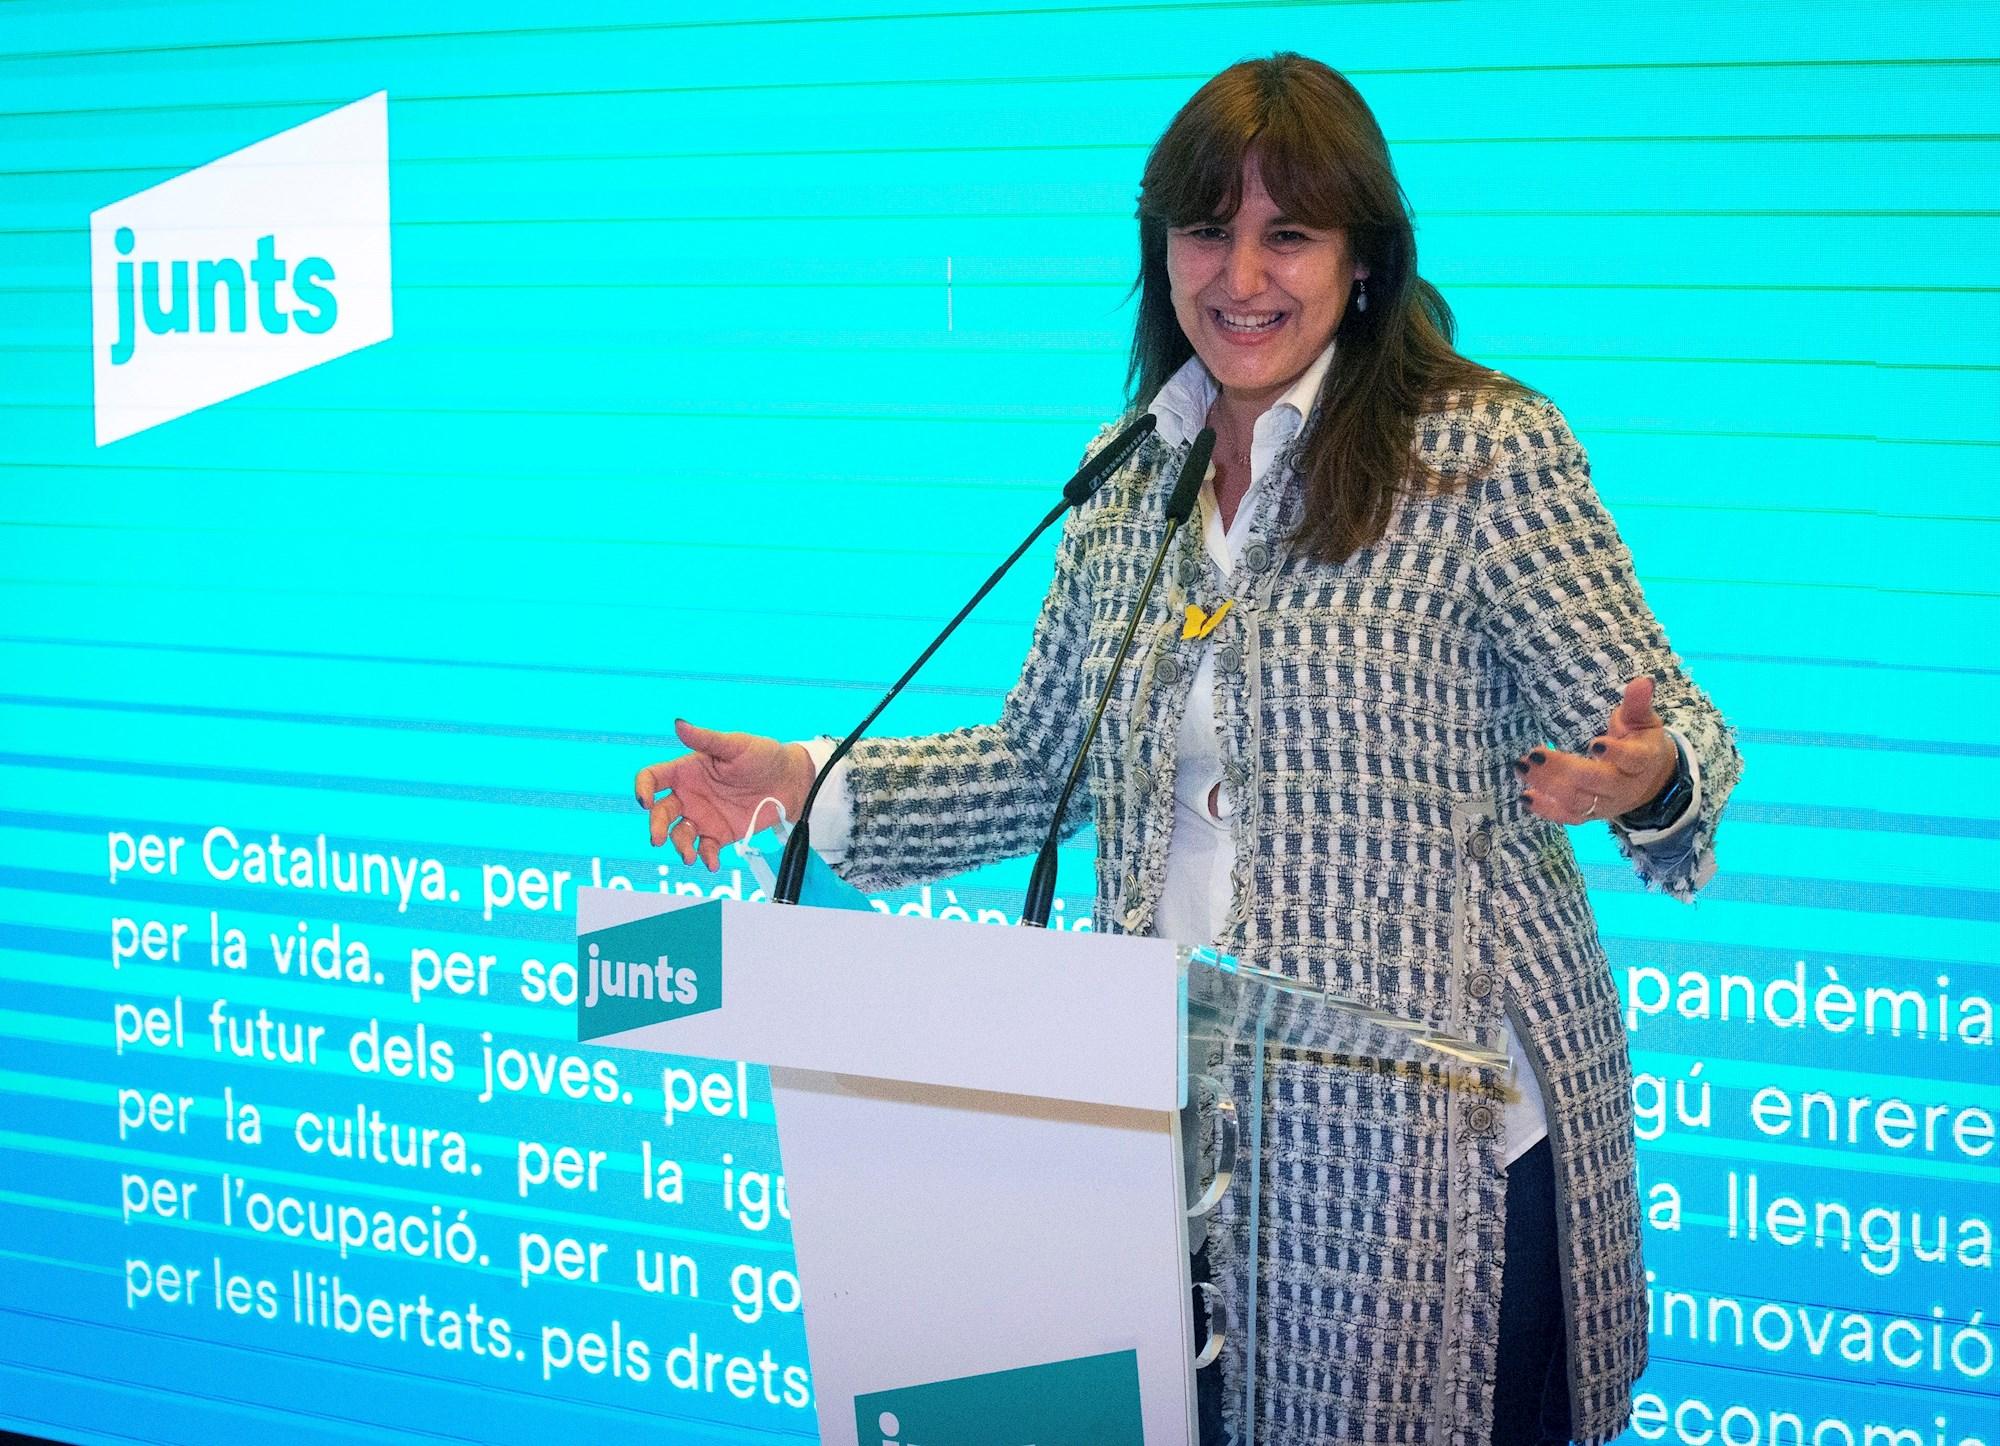 La candidata de JxCat, Laura Borràs, en un acto de la campaña del 14-F en Mataró, el 1 de febrero de 2021 | EFE/EF